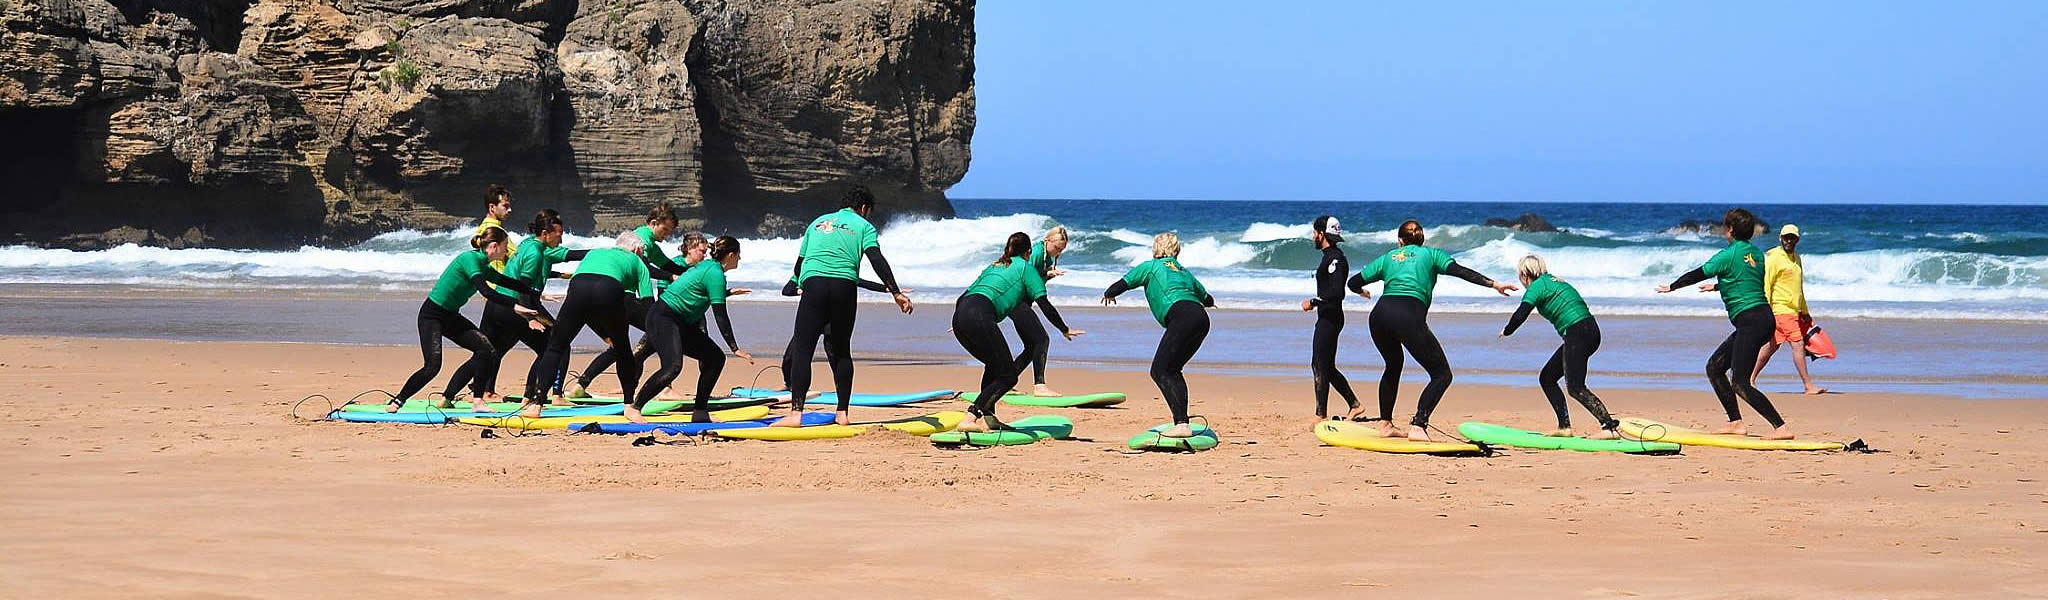 Odeceixe Surf Camp   Algarve Portugal